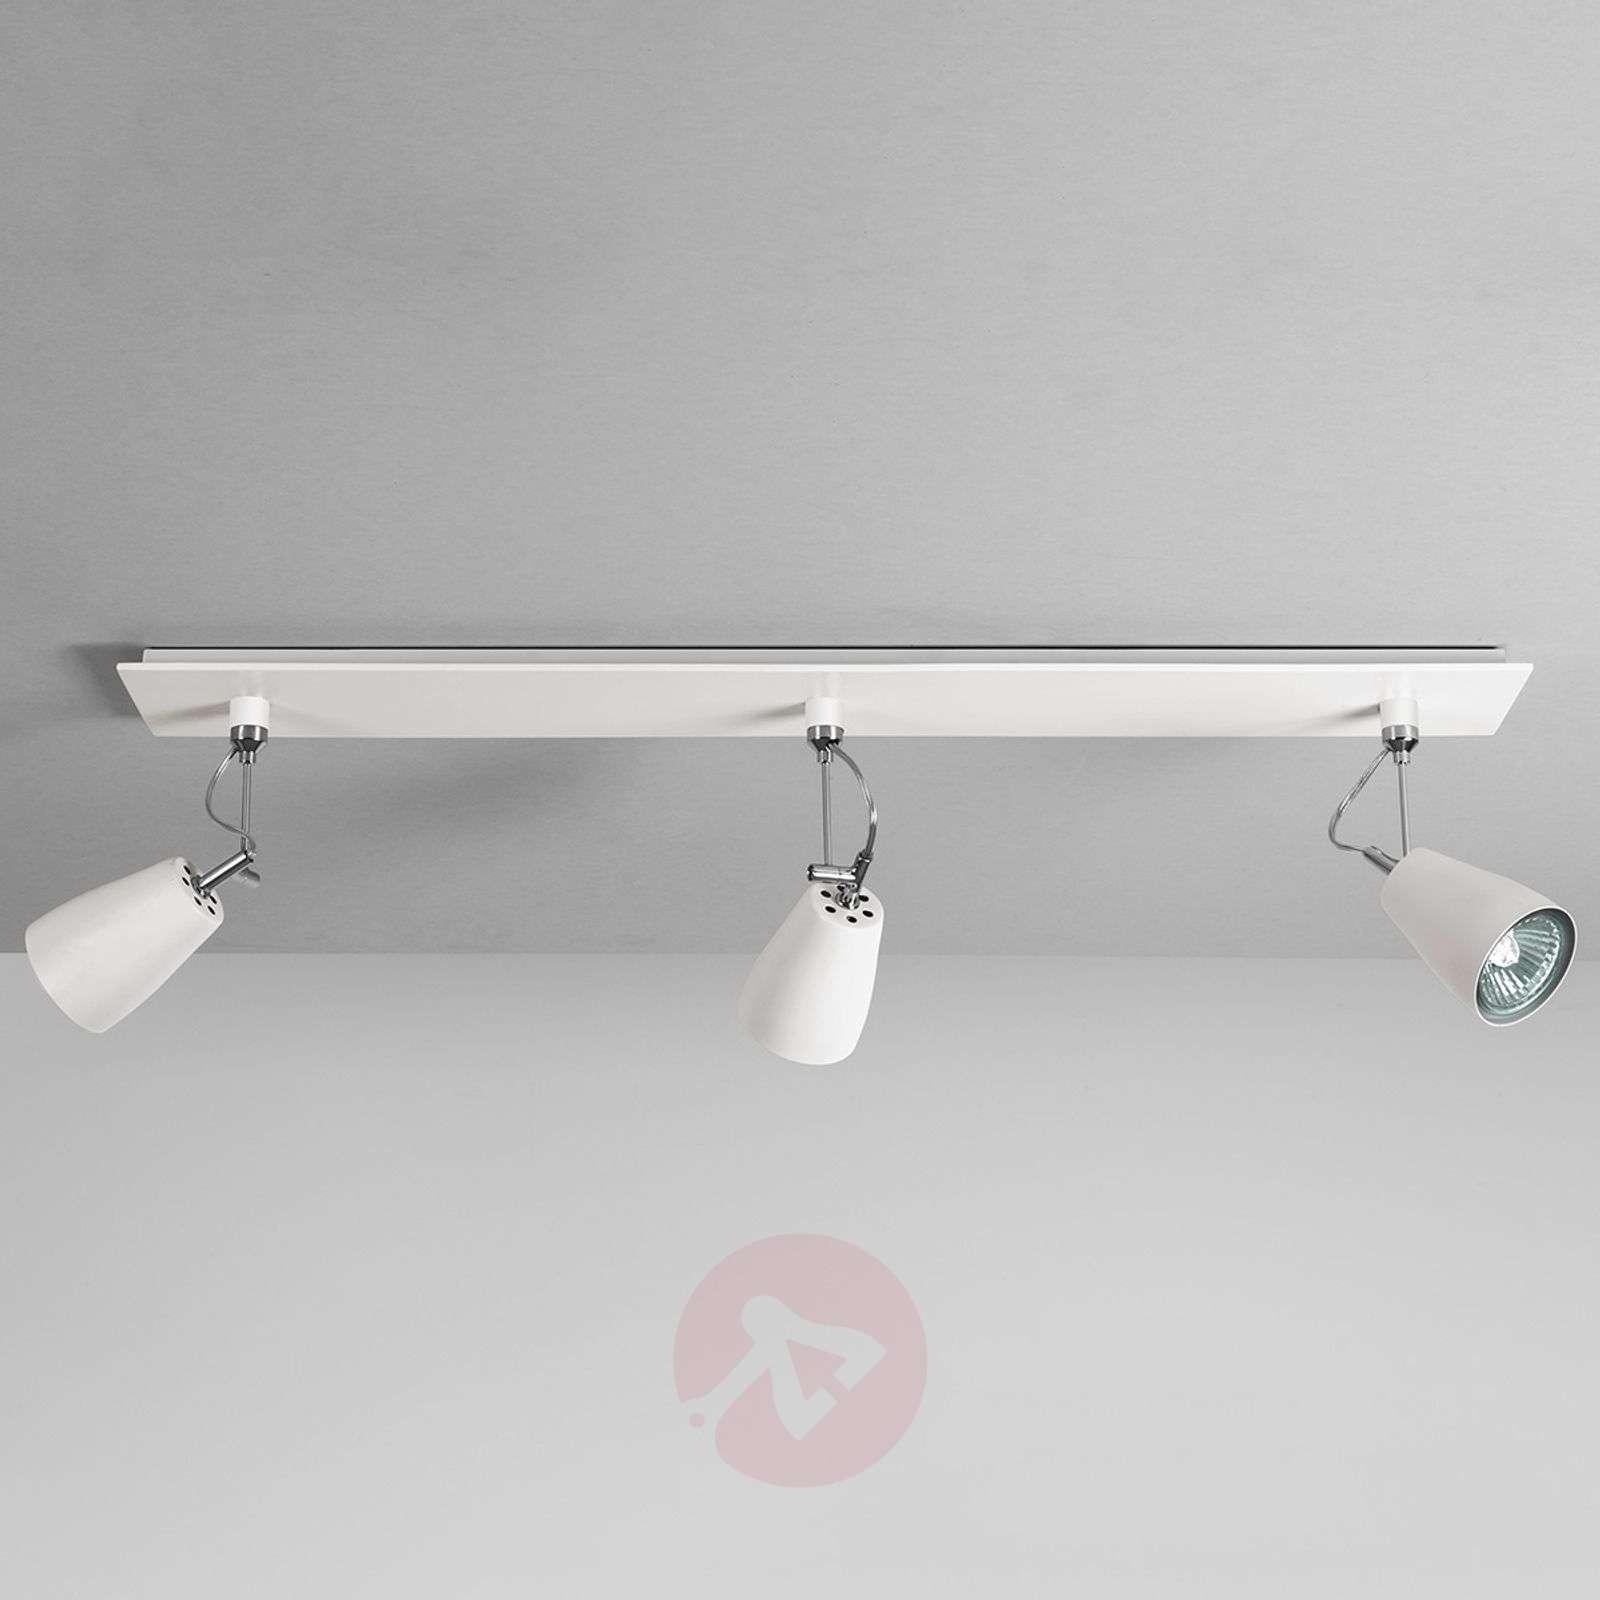 Polar Ceiling Spotlight Three Bulbs Decorative-1020264-02